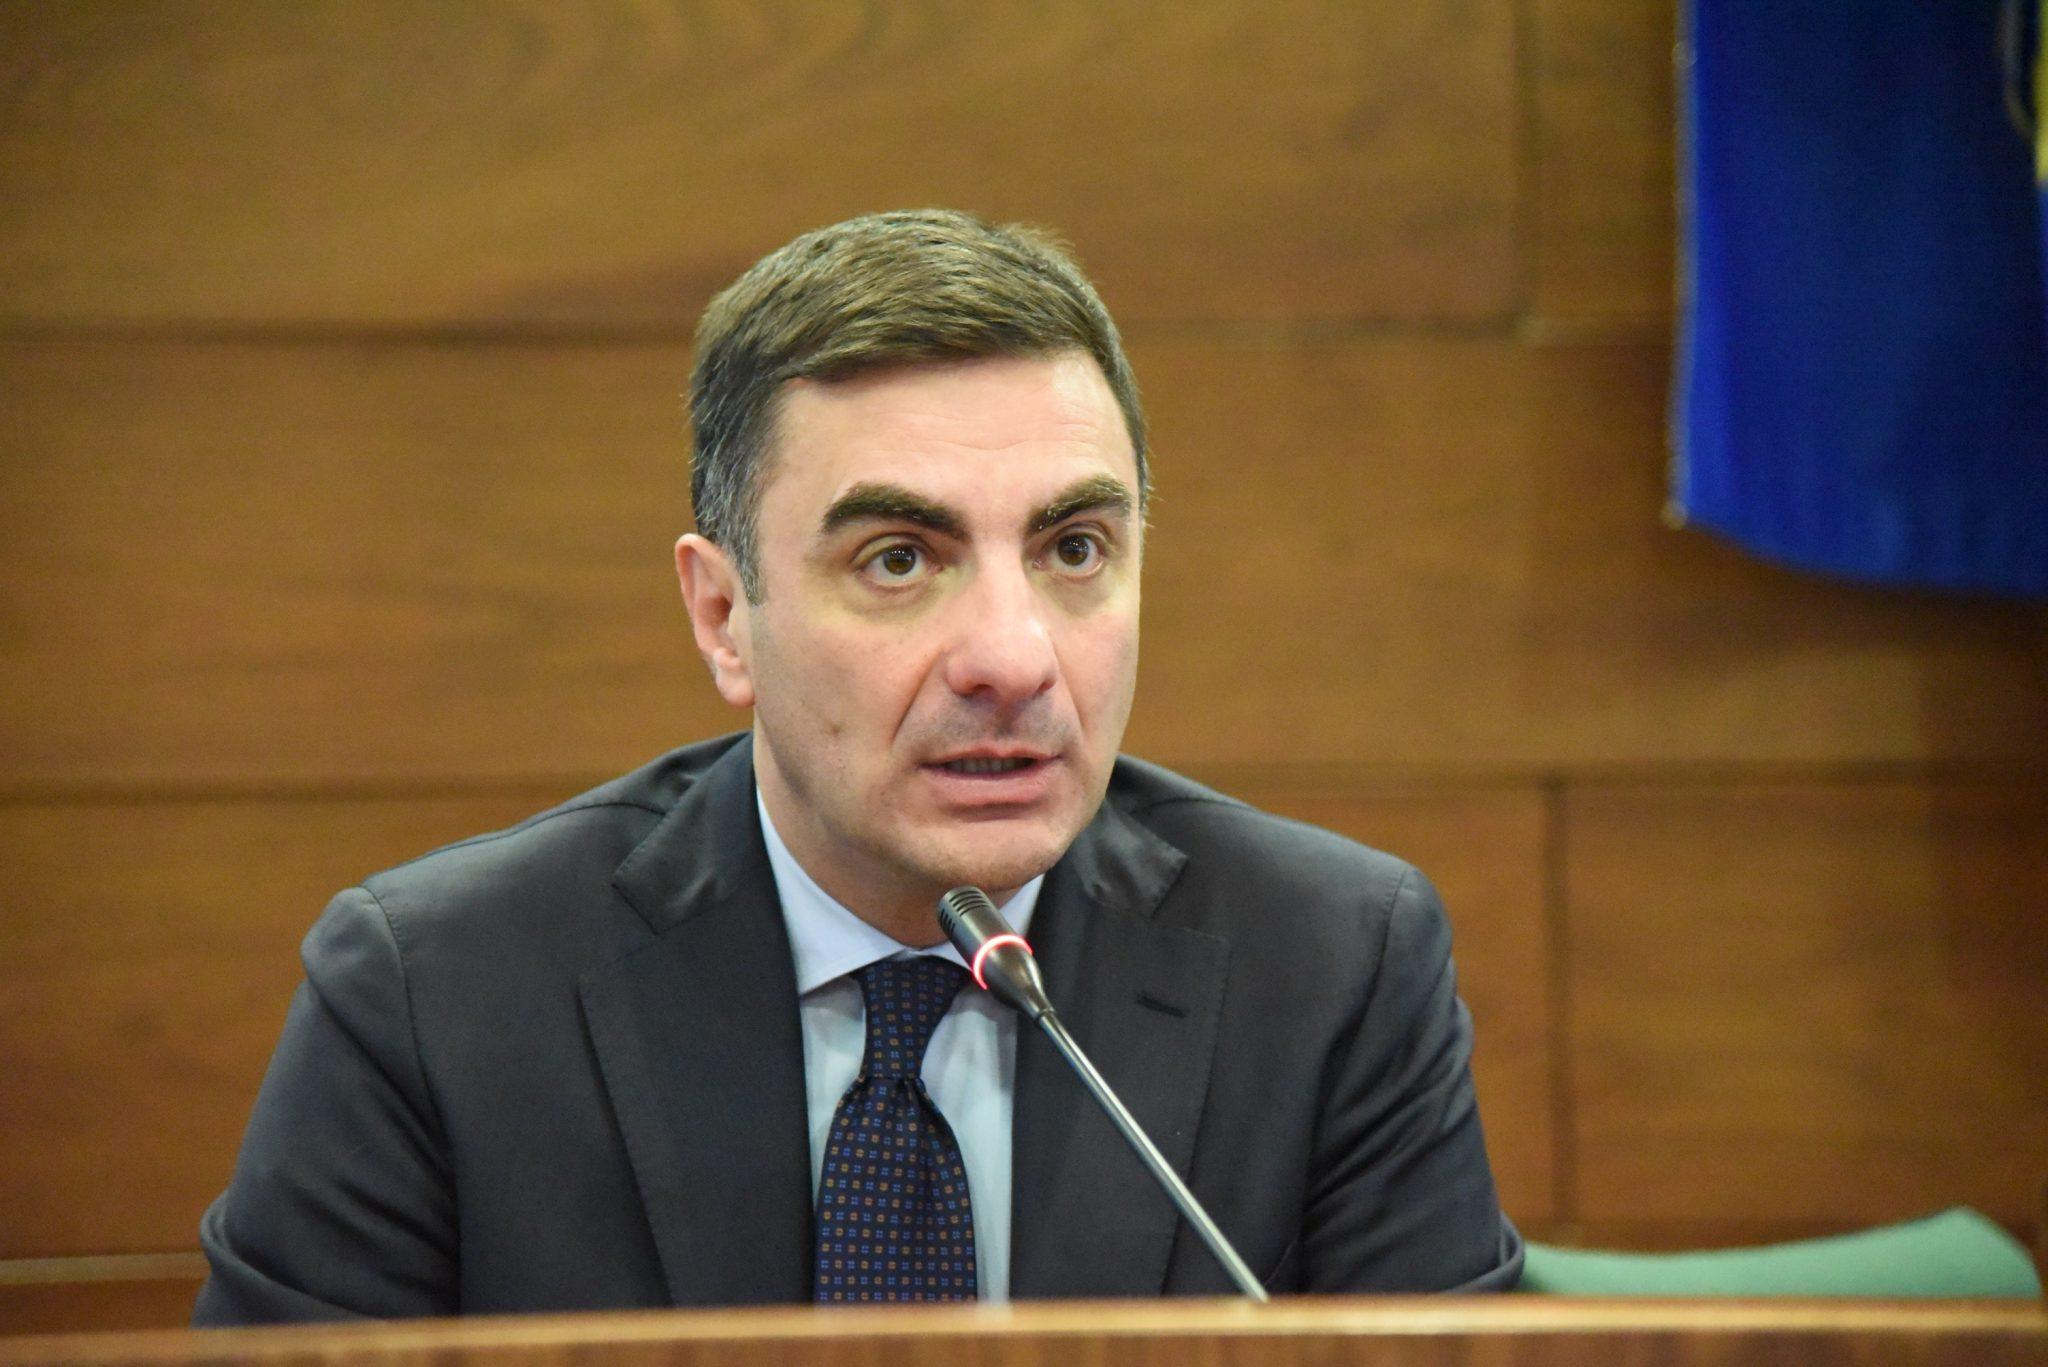 Il sindaco Gambacorta colpito da malore e ricoverato in ospedale